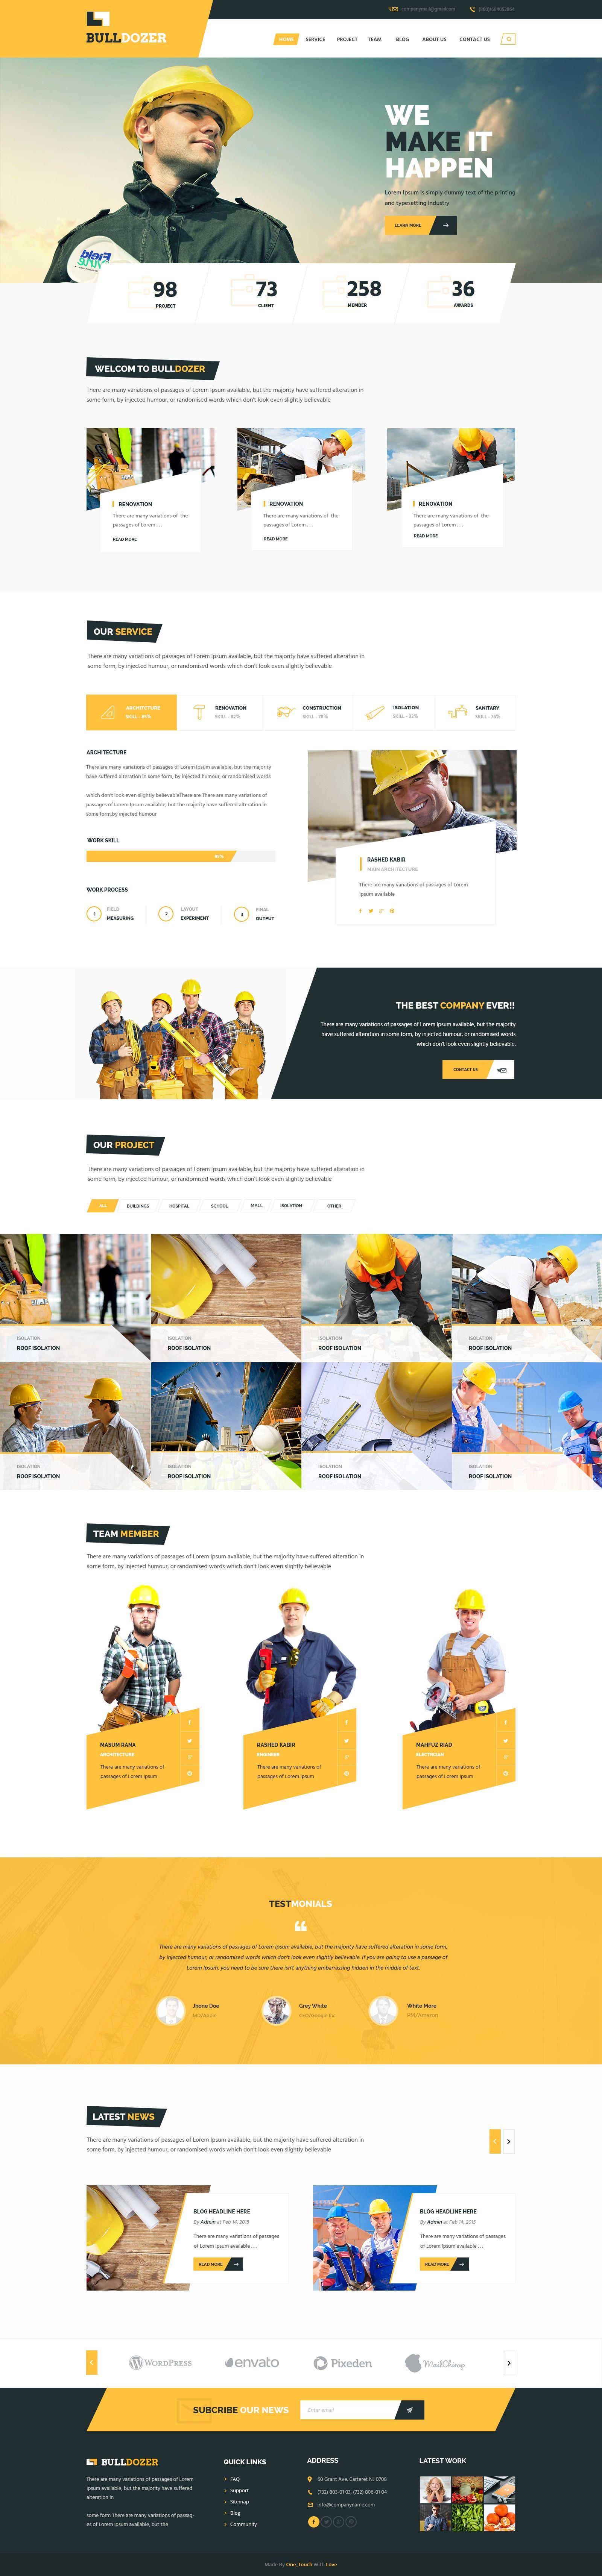 02 Index Jpg By Masum Rana Web Design Homepage Design Website Design